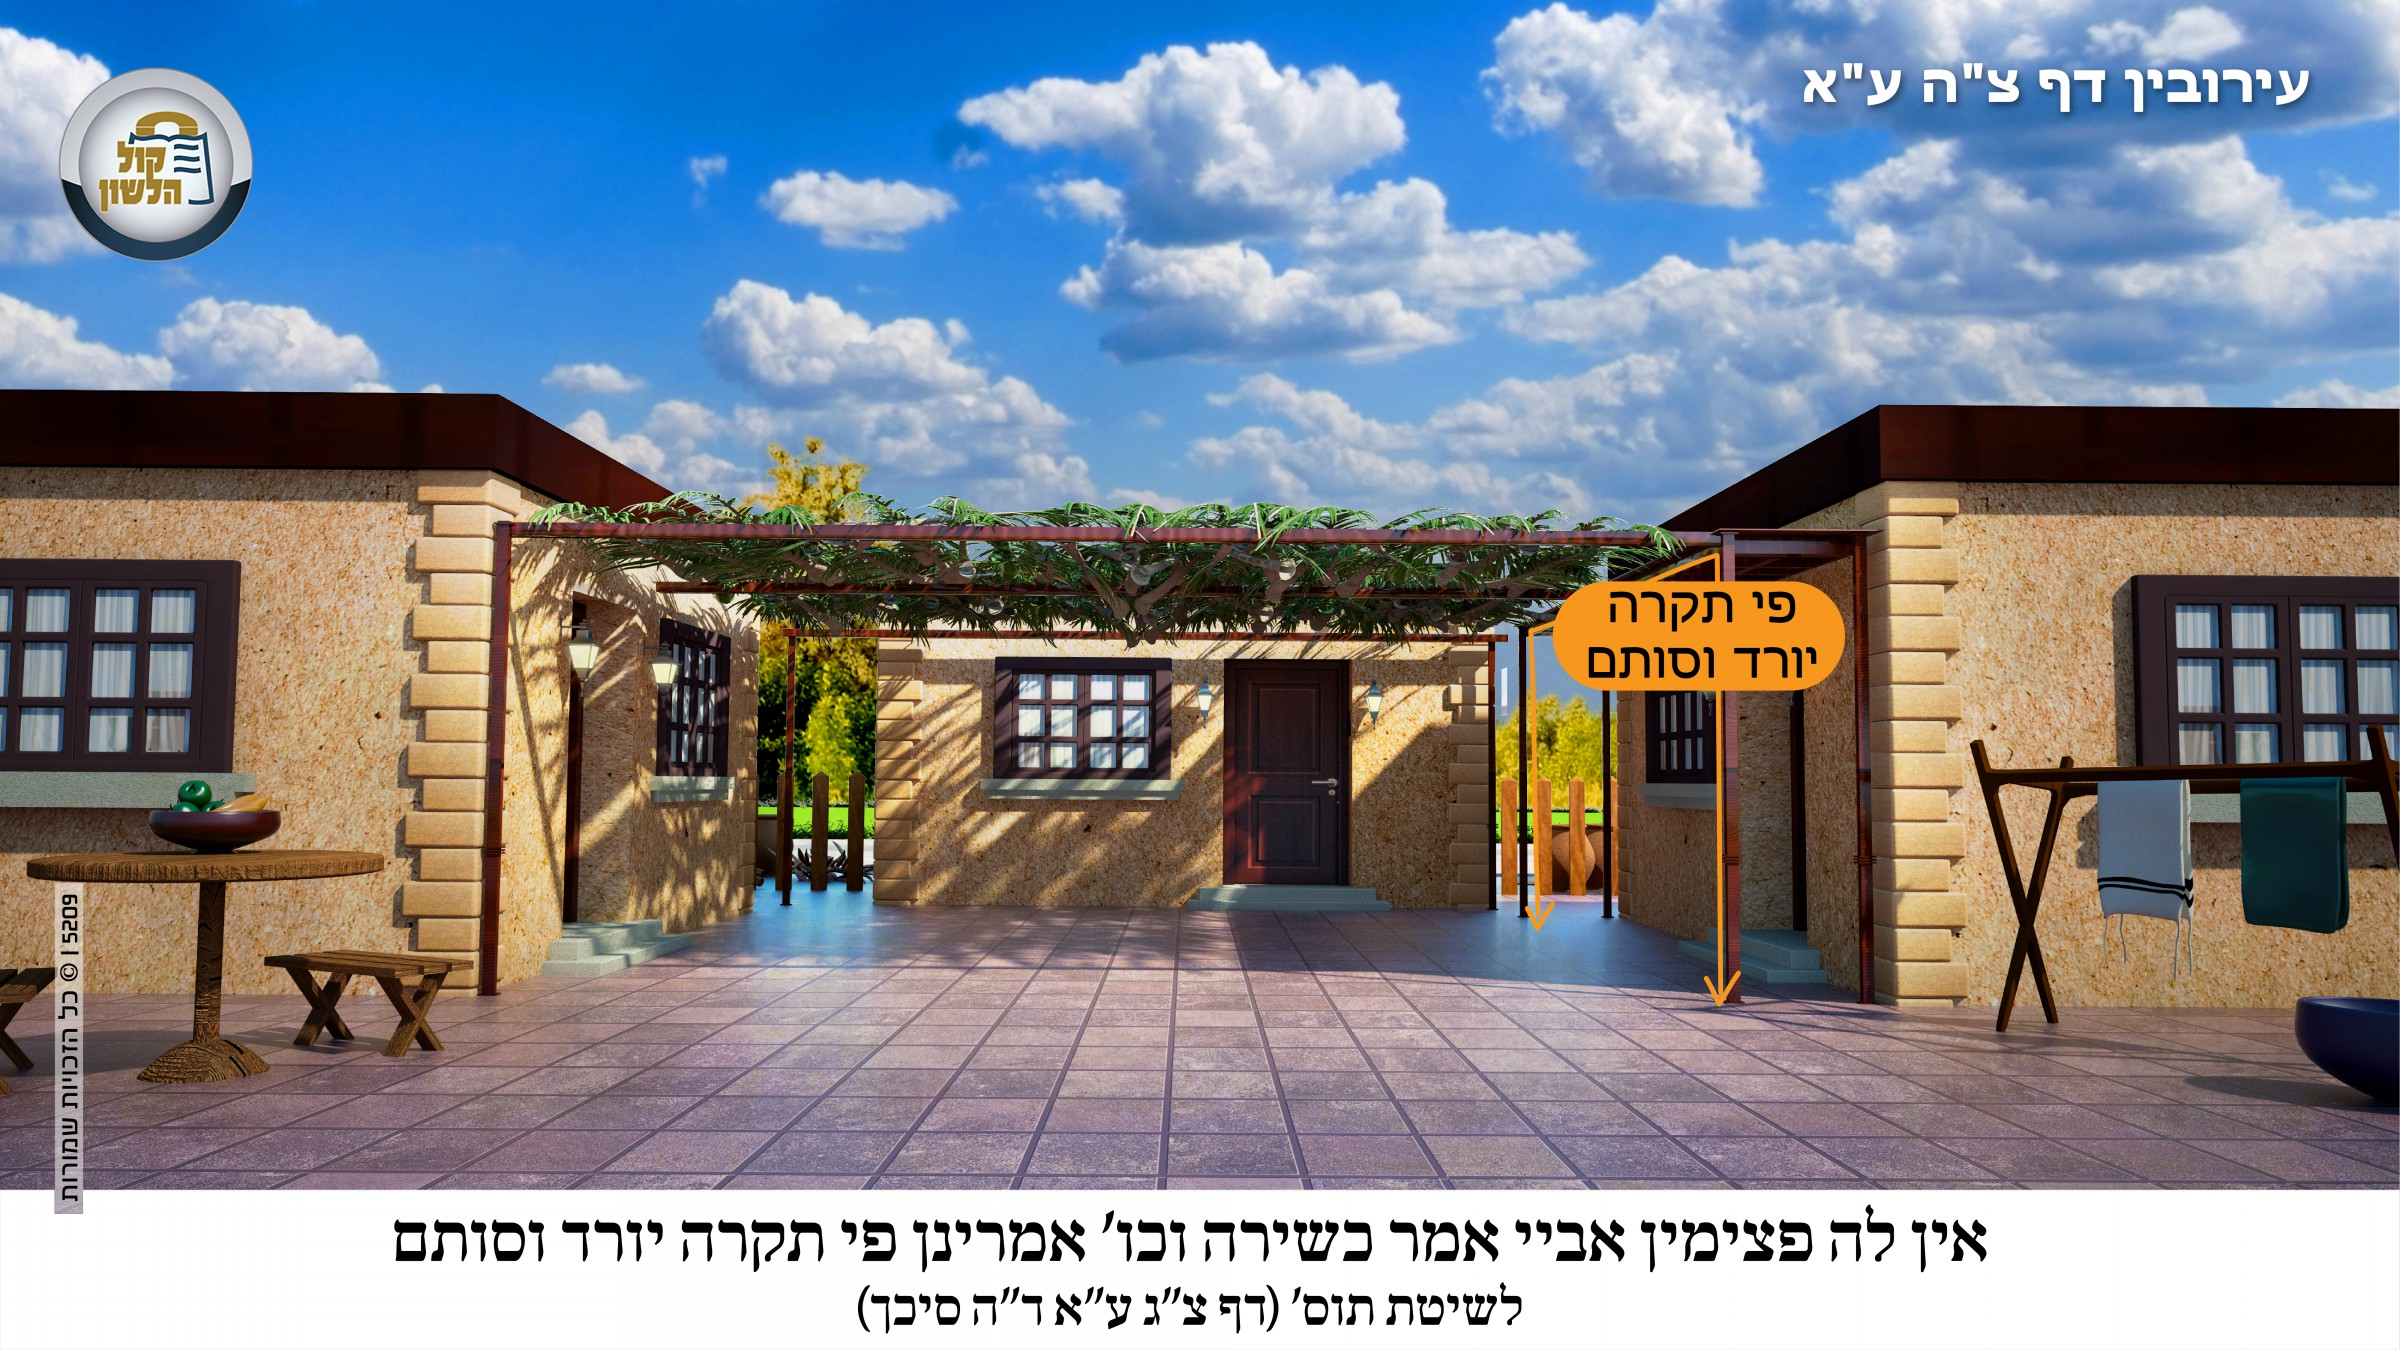 הרב אברהם צבי וייס, הרב אברהם צבי ווייס מסכת עירובין דף צה